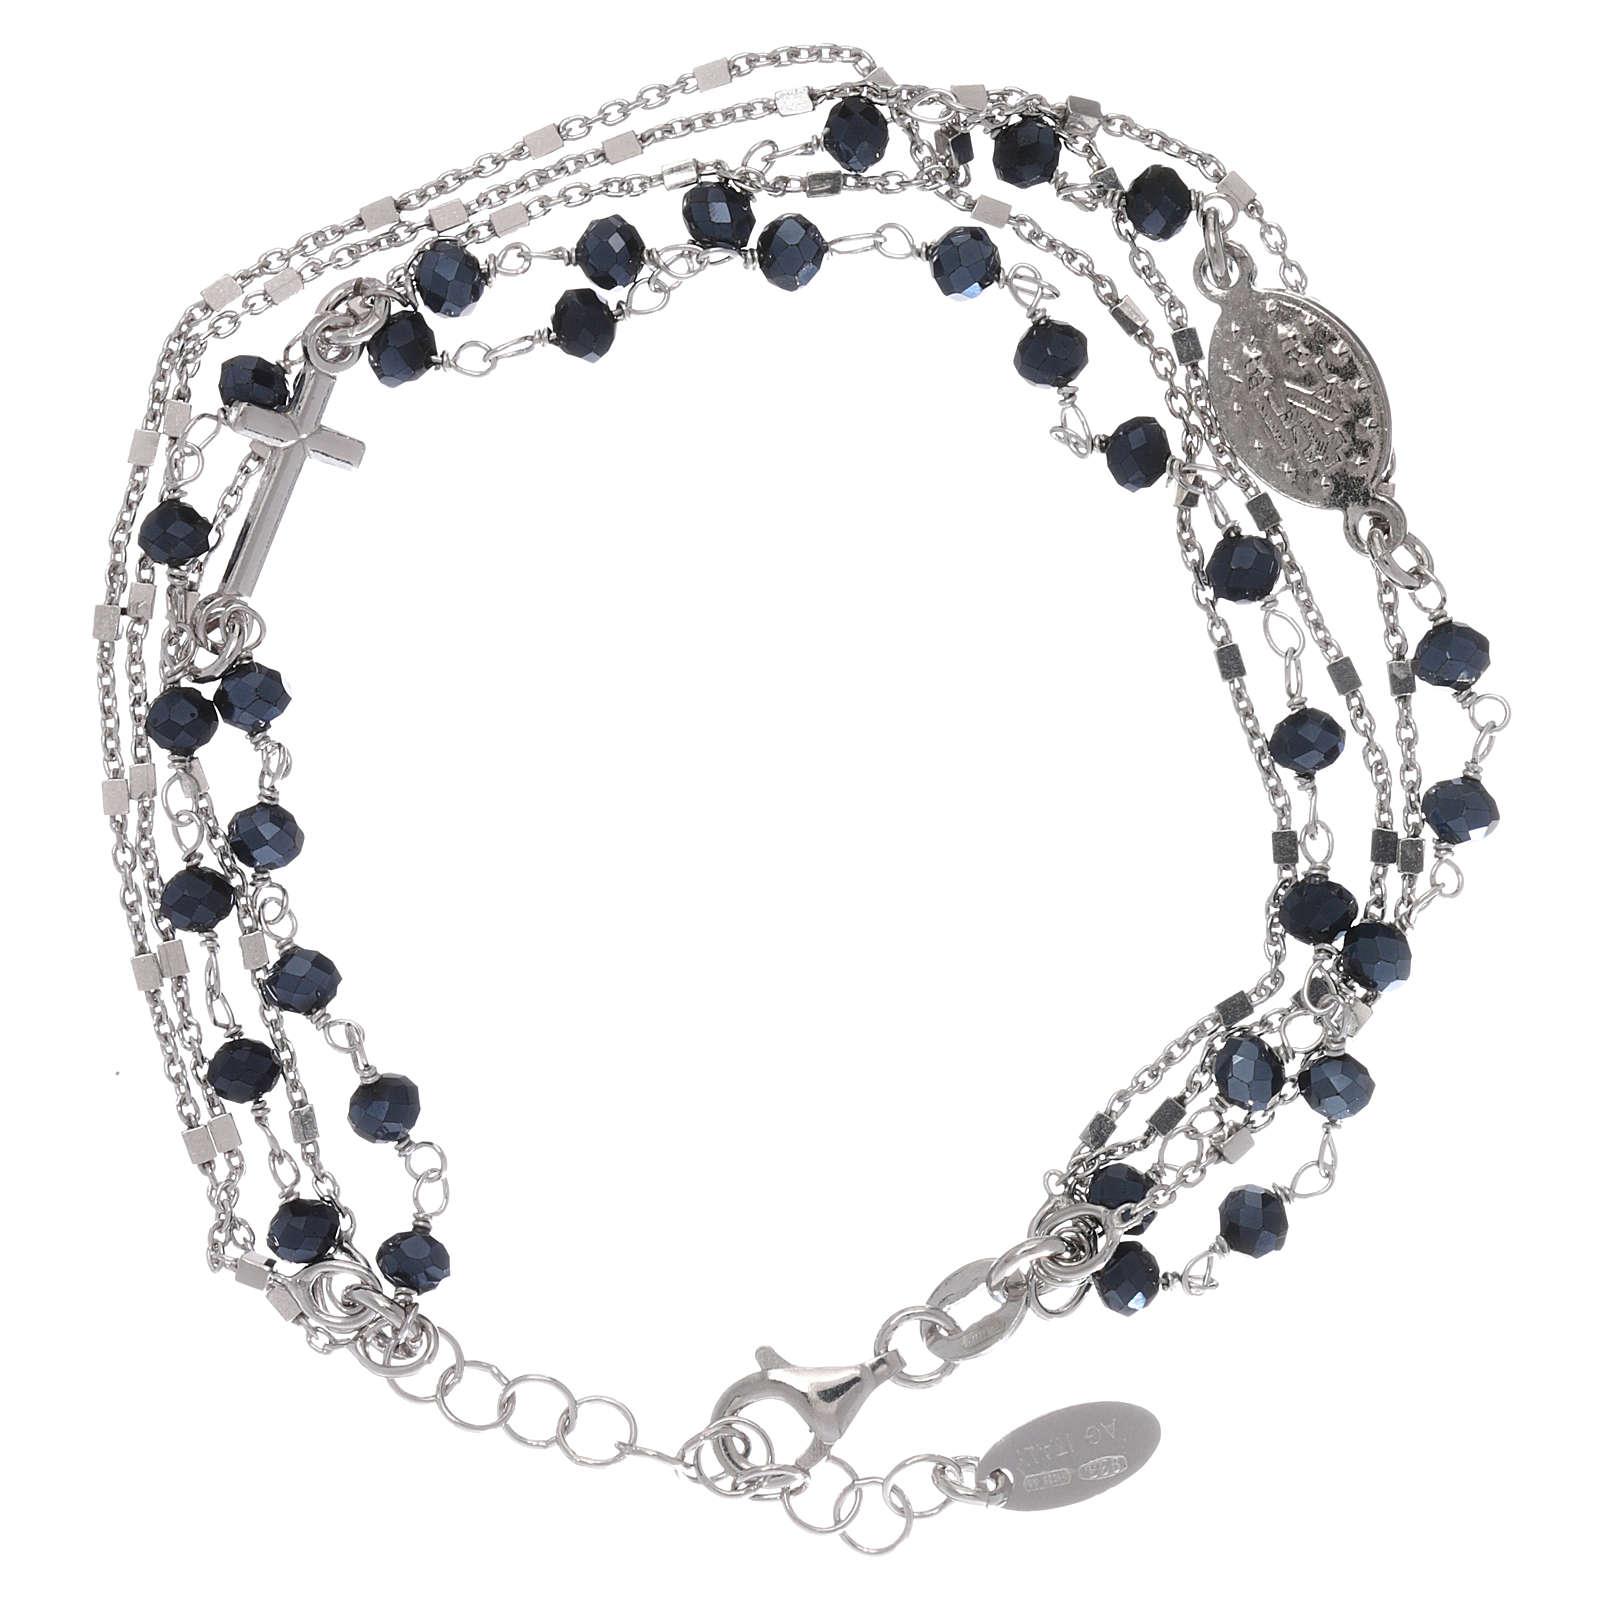 Bracelet argent 925 et cristaux gris et noirs AMEN 4